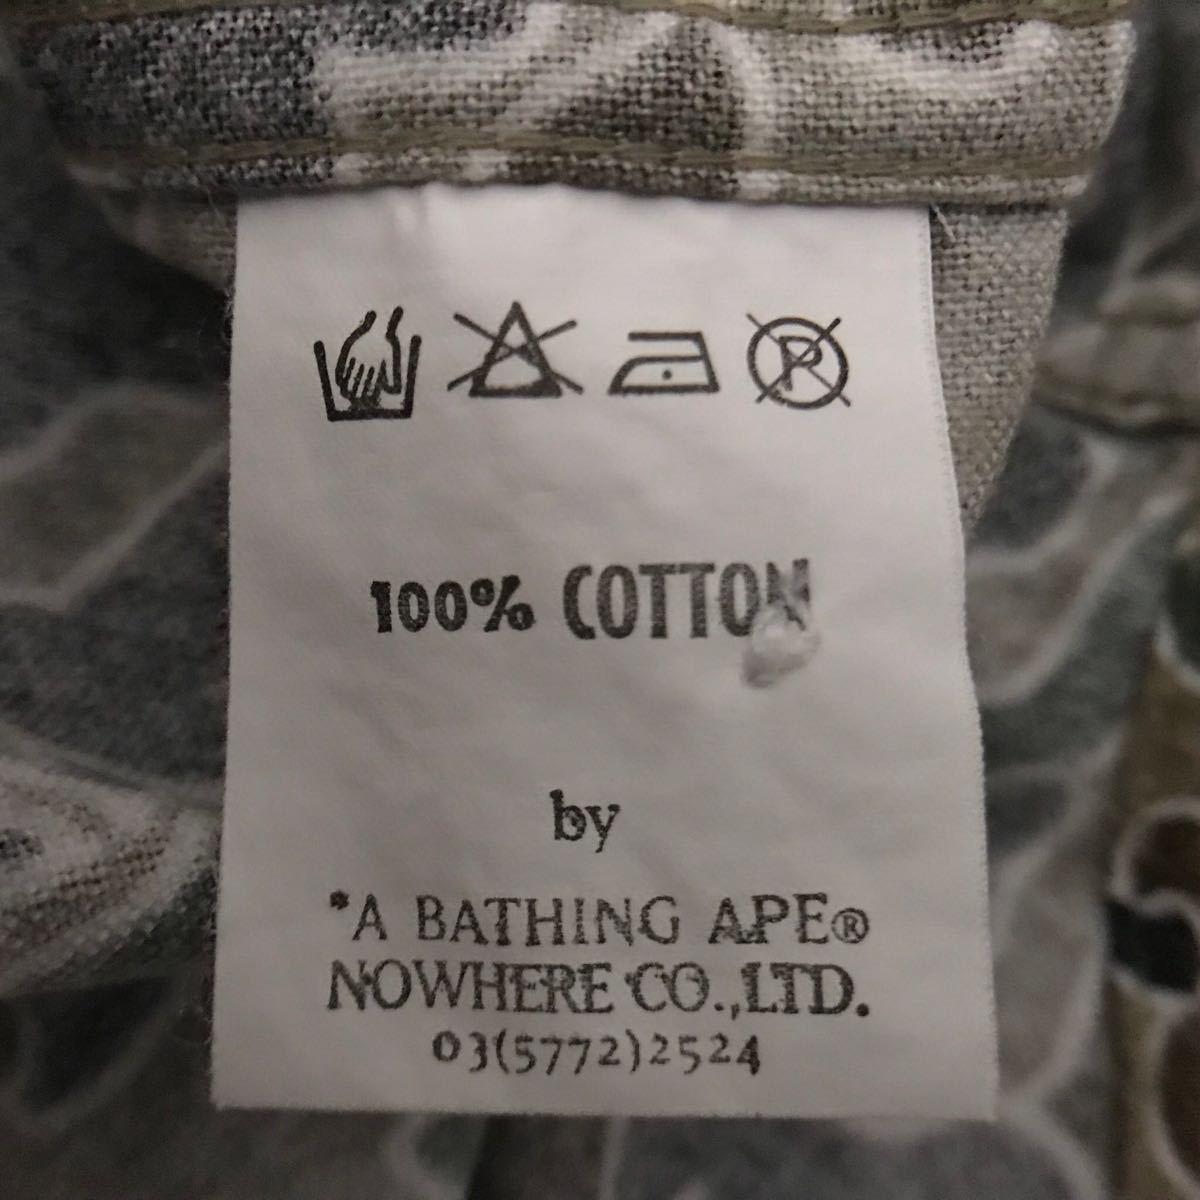 sta camo 長袖シャツ a bathing ape bape エイプ ベイプ アベイシングエイプ psyche サイケ カモフラ 迷彩 裏原宿 NOWHERE ビンテージ nigo